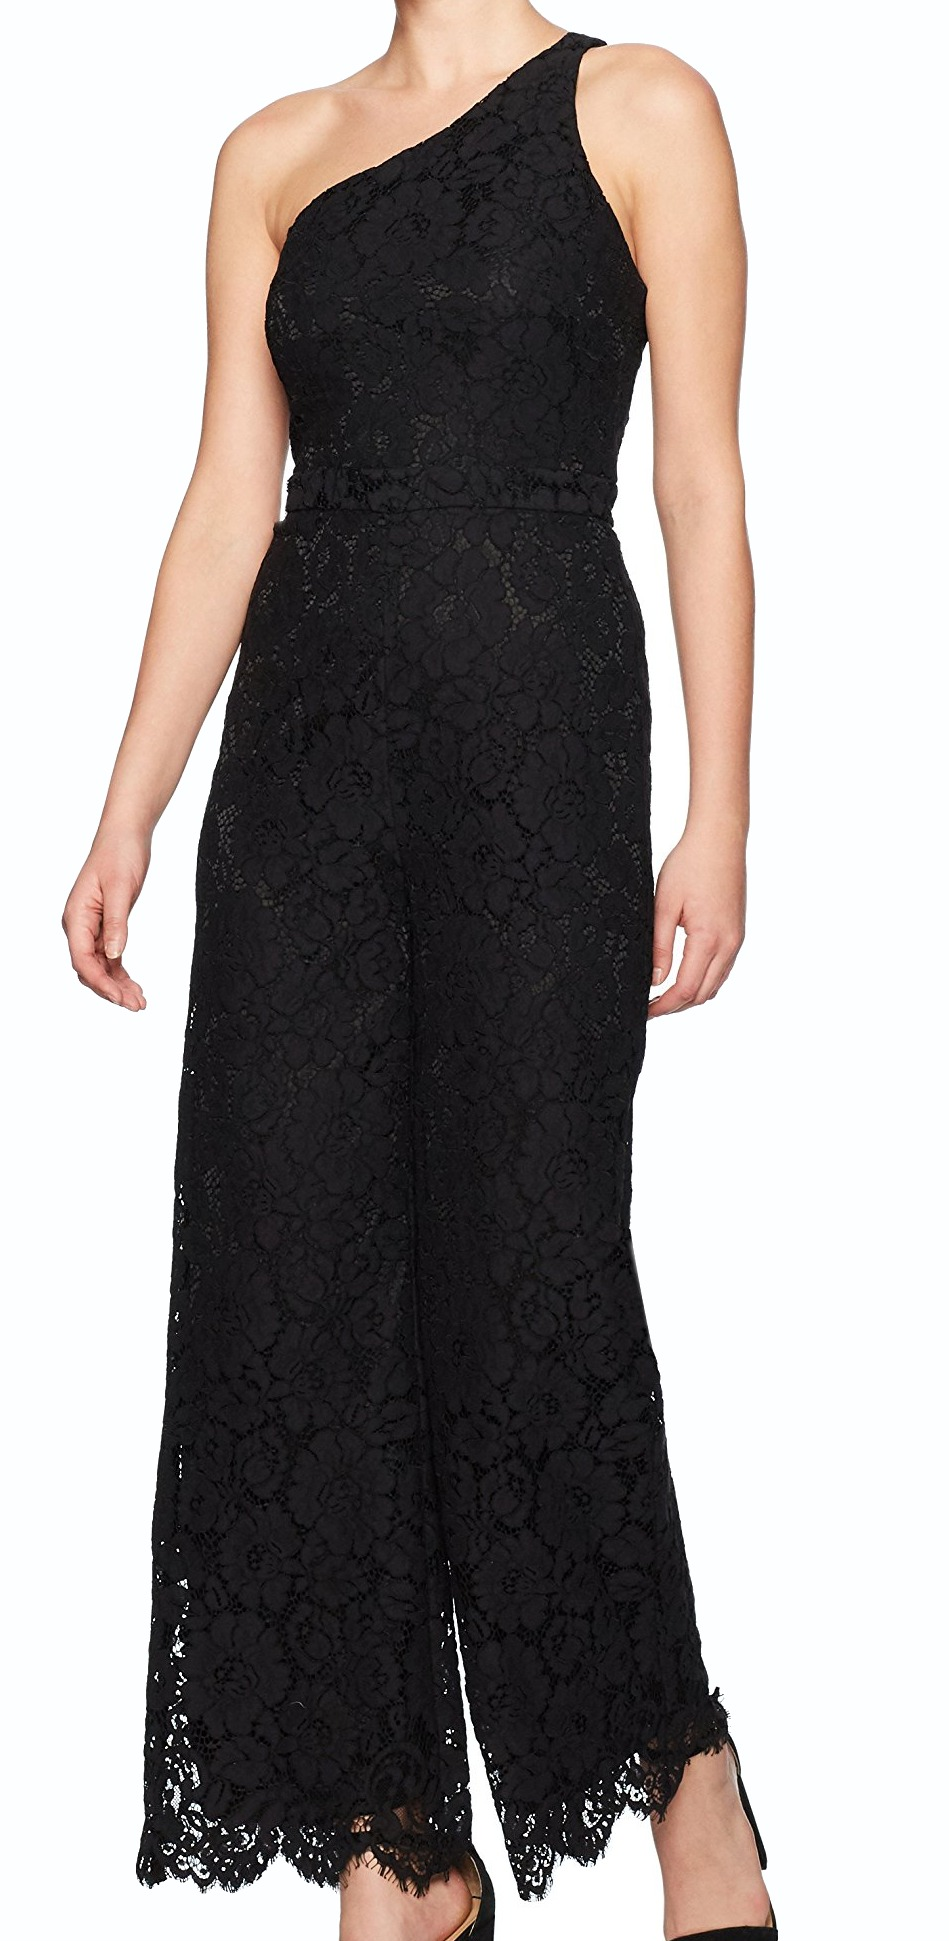 c3d811d480d Laundry by Shelli Segal Women Lace One Shoulder Jumpsuit - Walmart.com